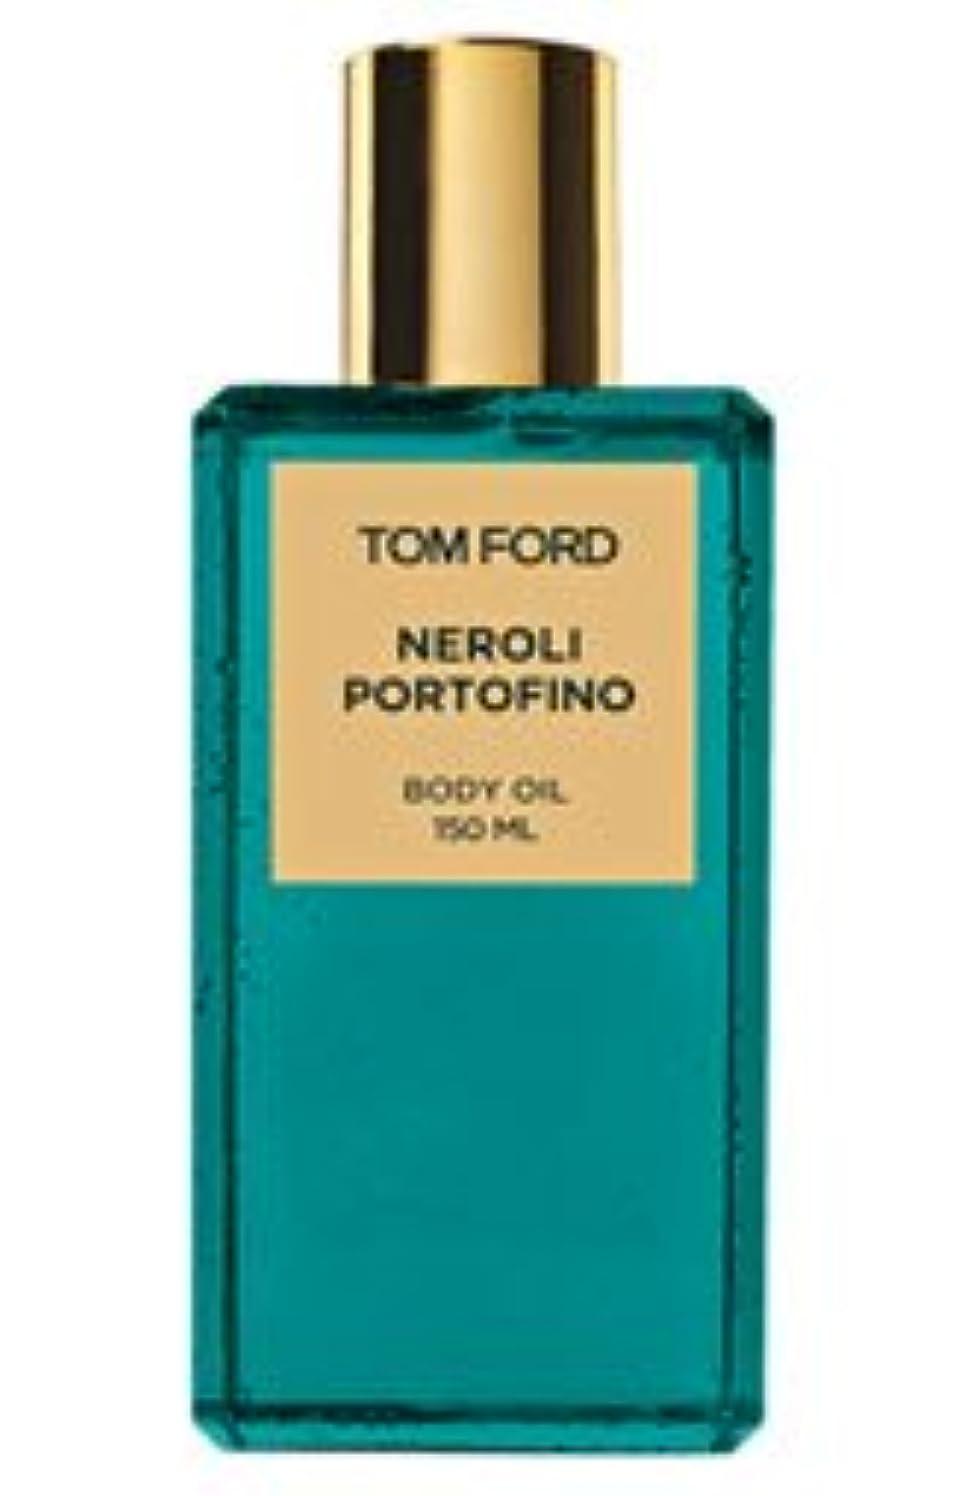 不正確アラブがっかりしたTom Ford Private Blend 'Neroli Portofino' (トムフォード プライベートブレンド ネロリポートフィーノ) 5.0 oz (150ml) Body Oil for Unisex